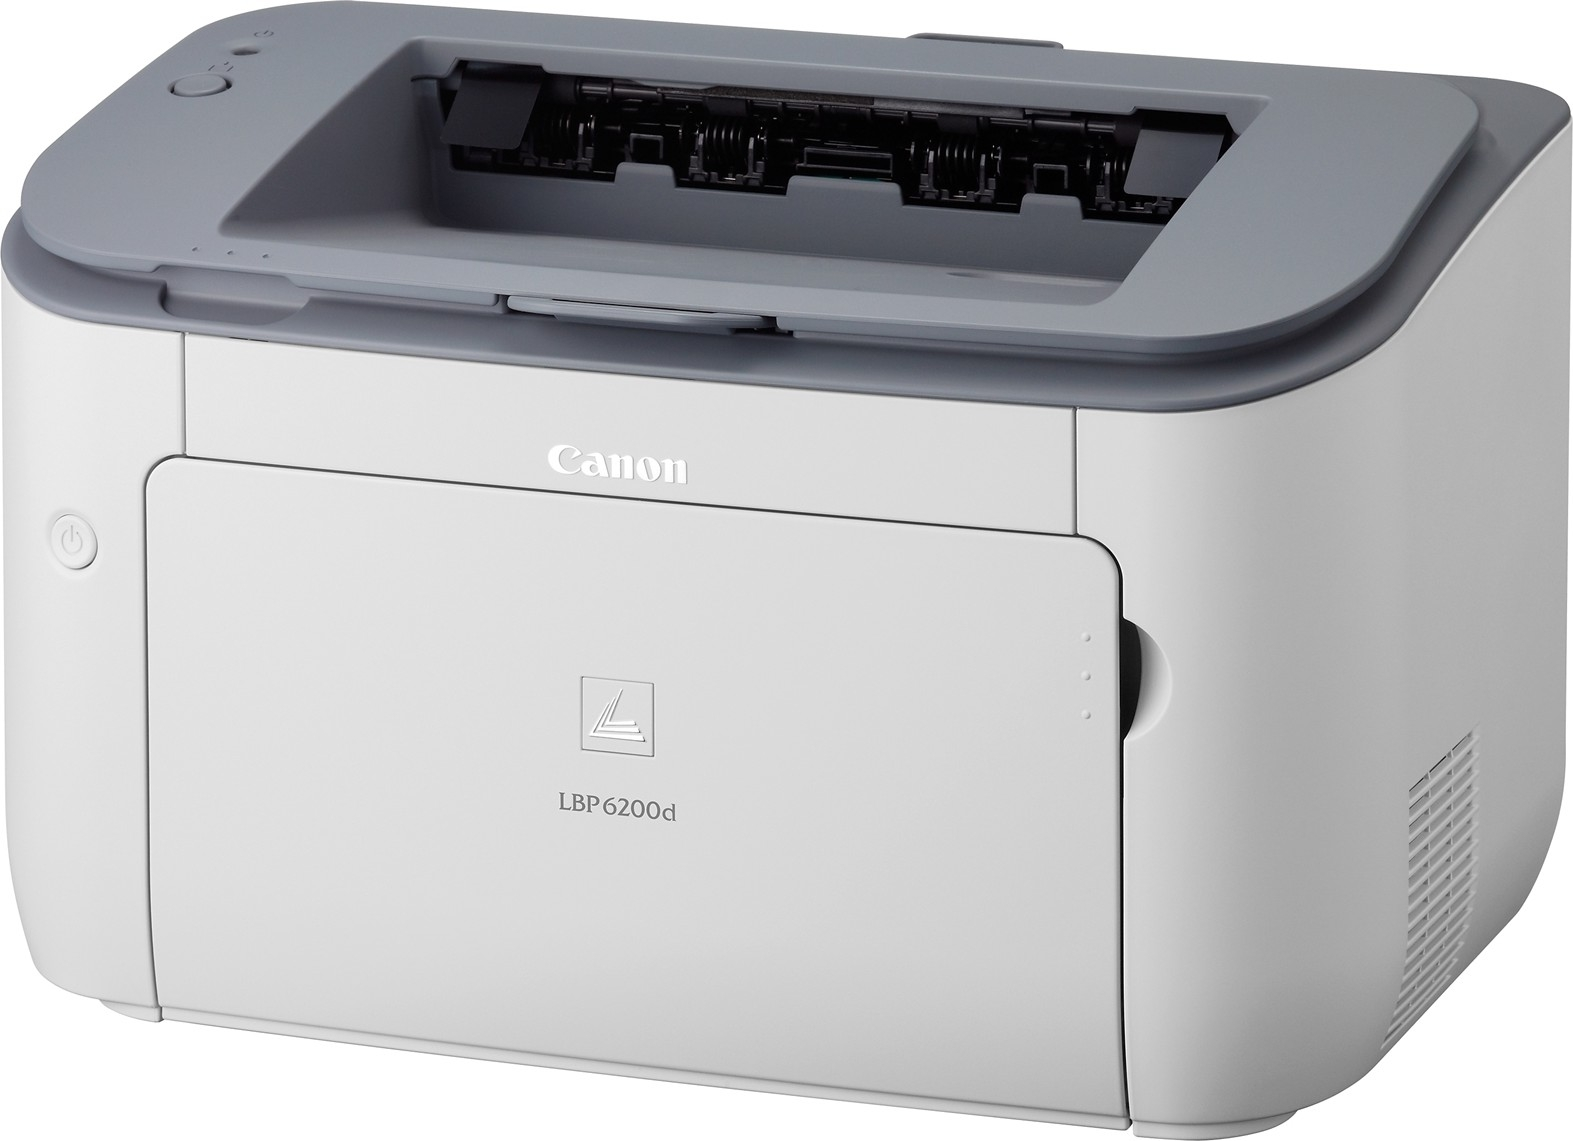 Canon 1210 Printer Driver